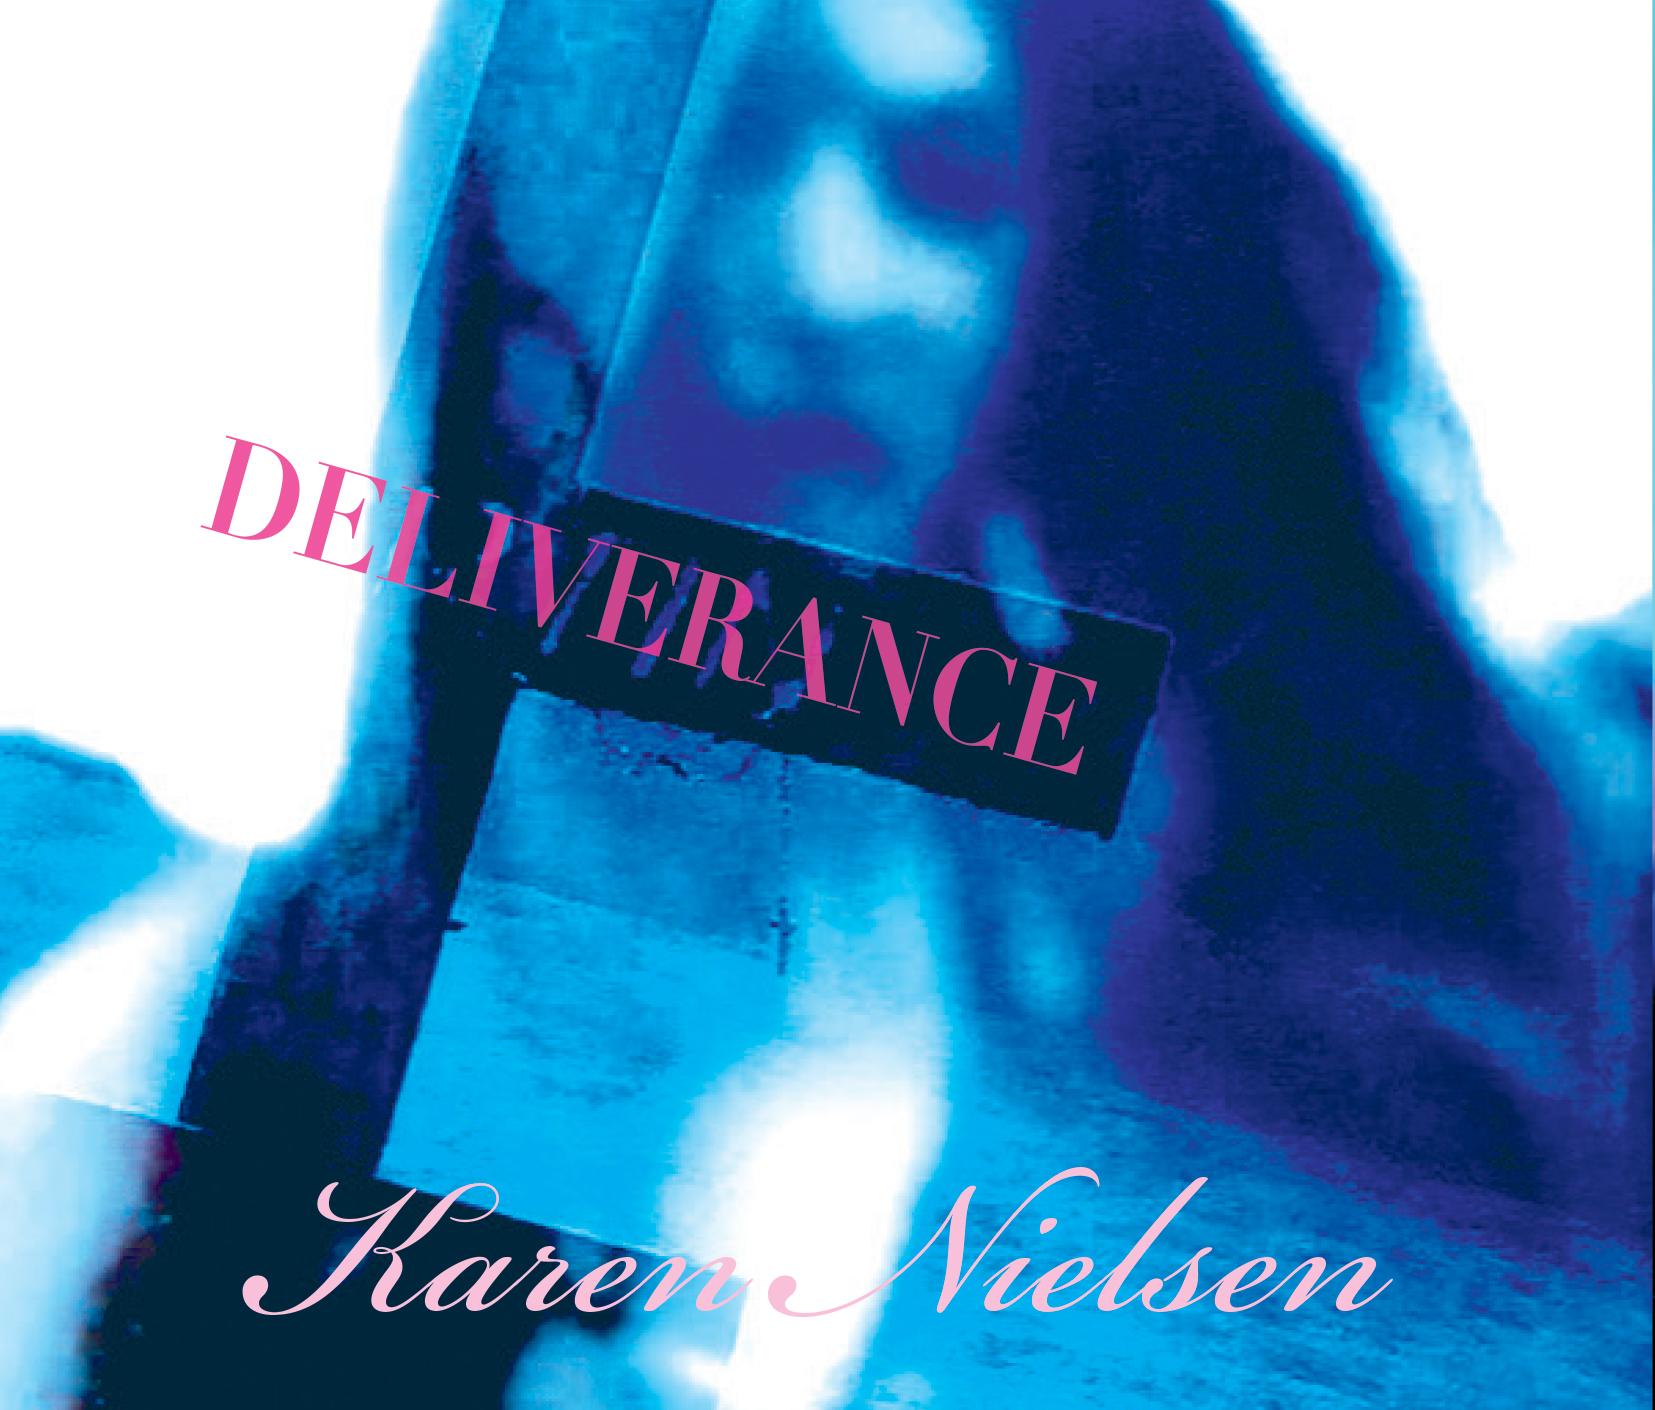 Karen Nielsen - Deliverance Cover digital.jpg